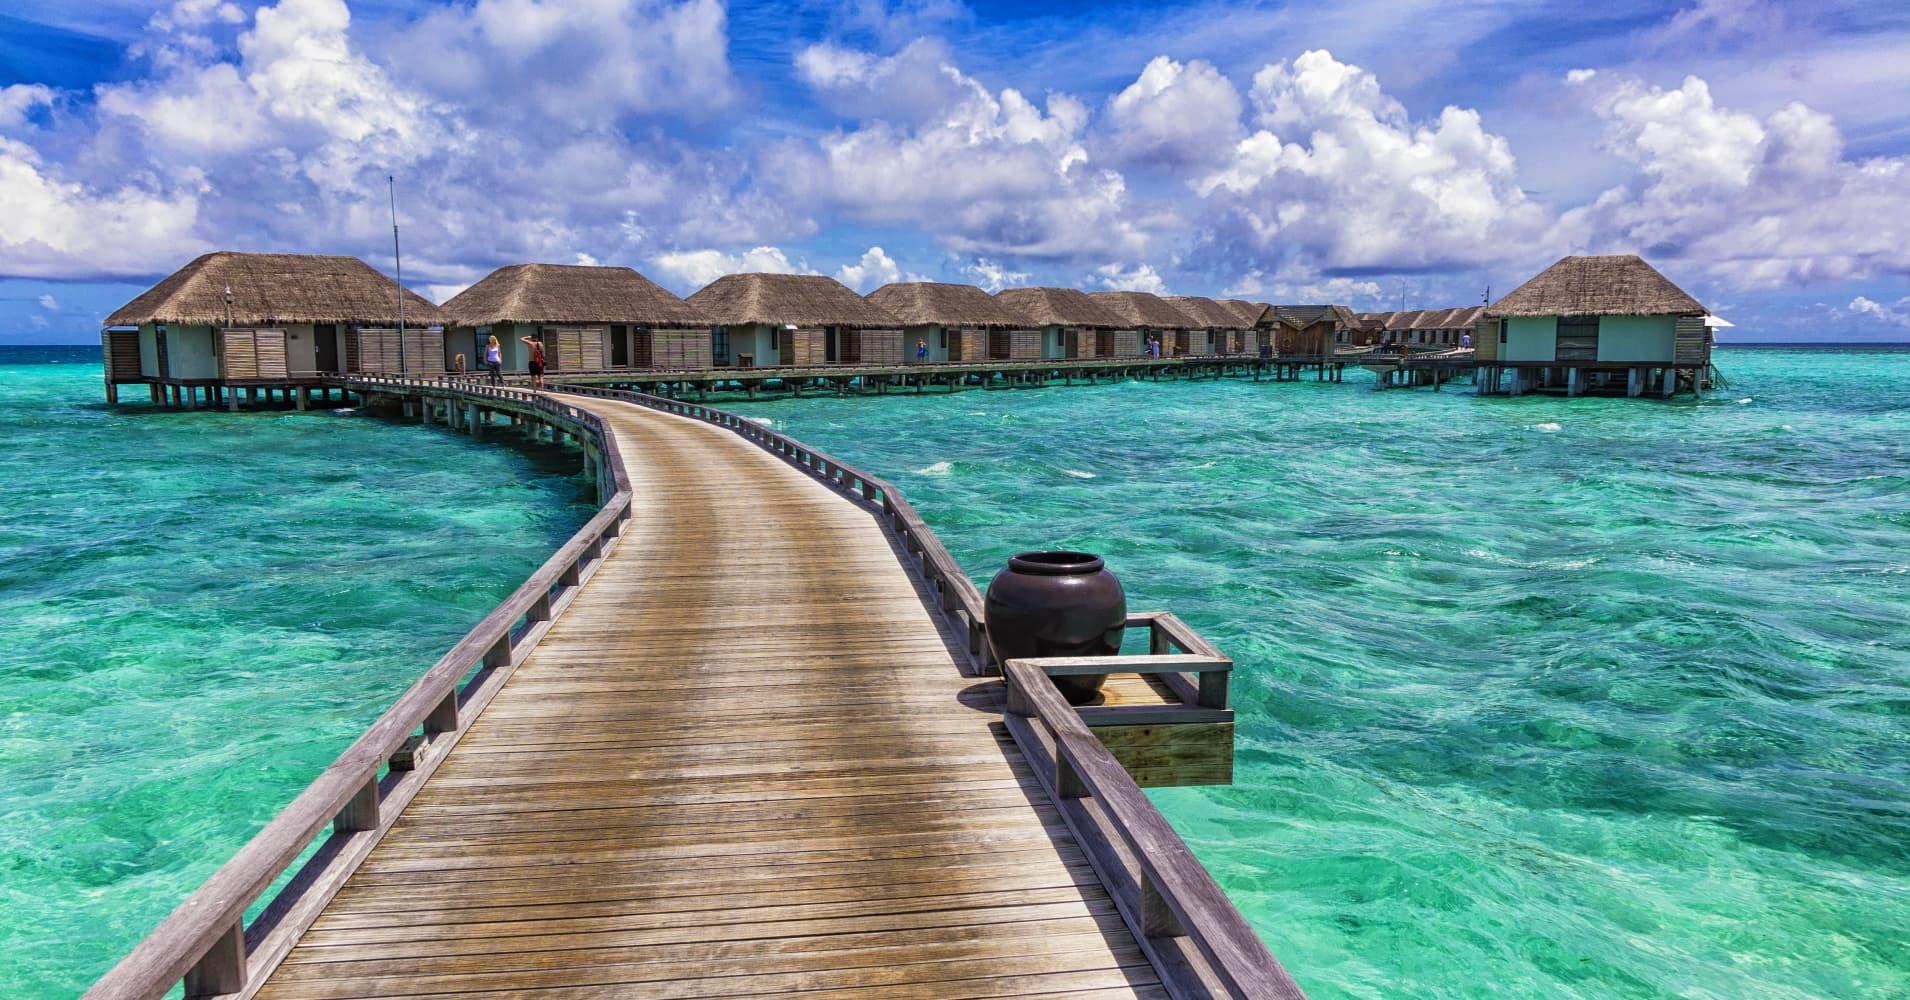 Maldives island resorts